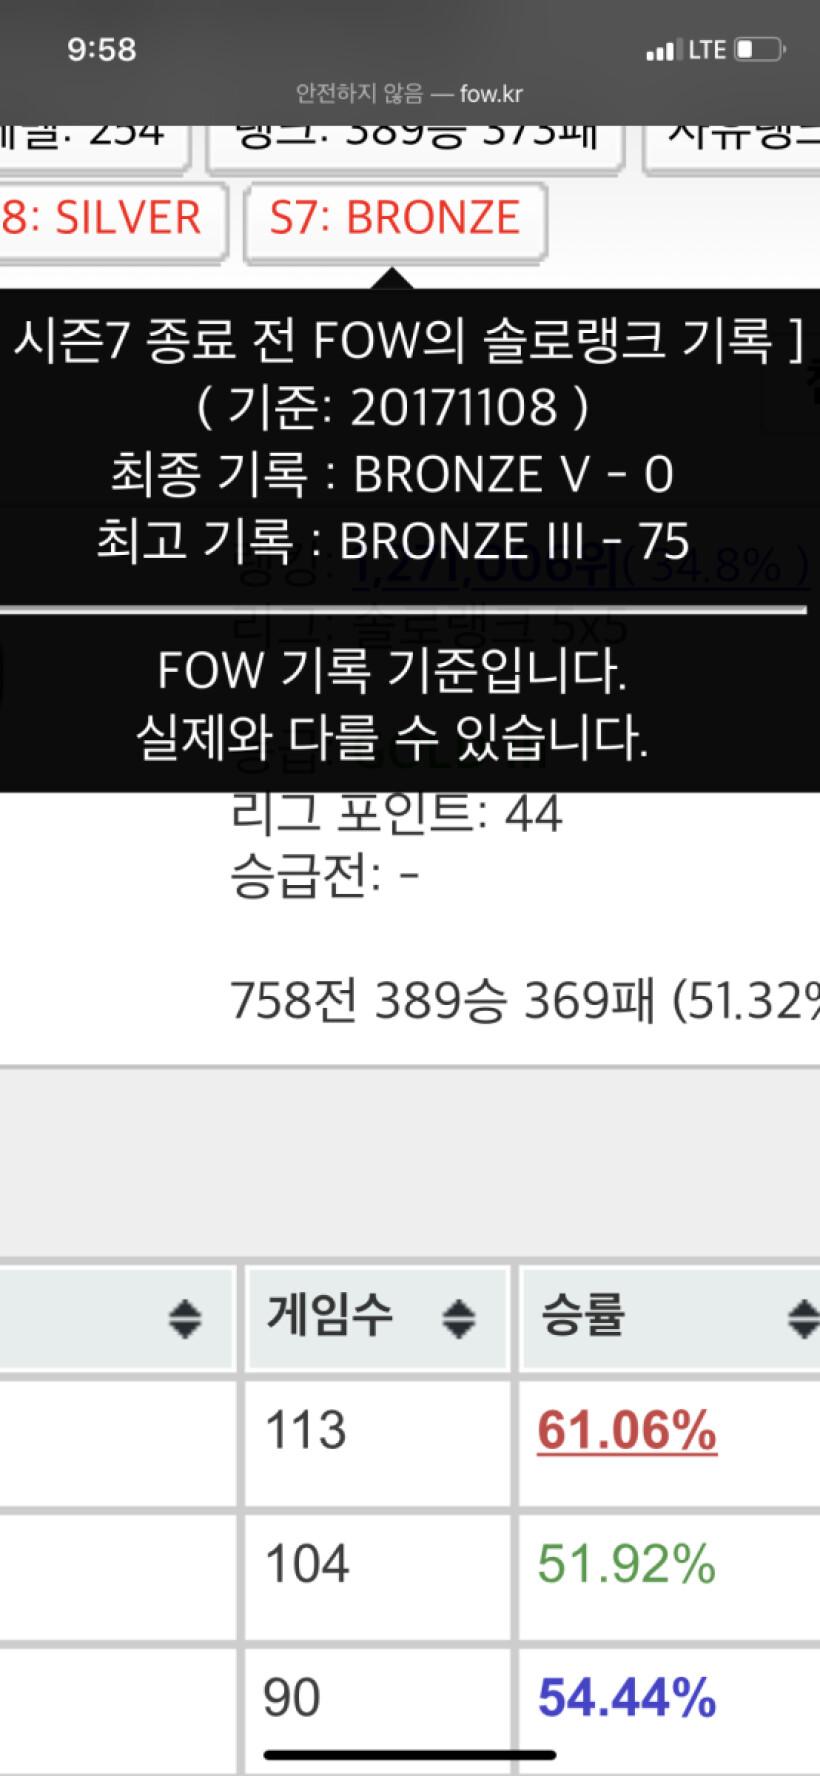 B57ACA3D-2C69-4C7F-B76A-F13F38301707.png